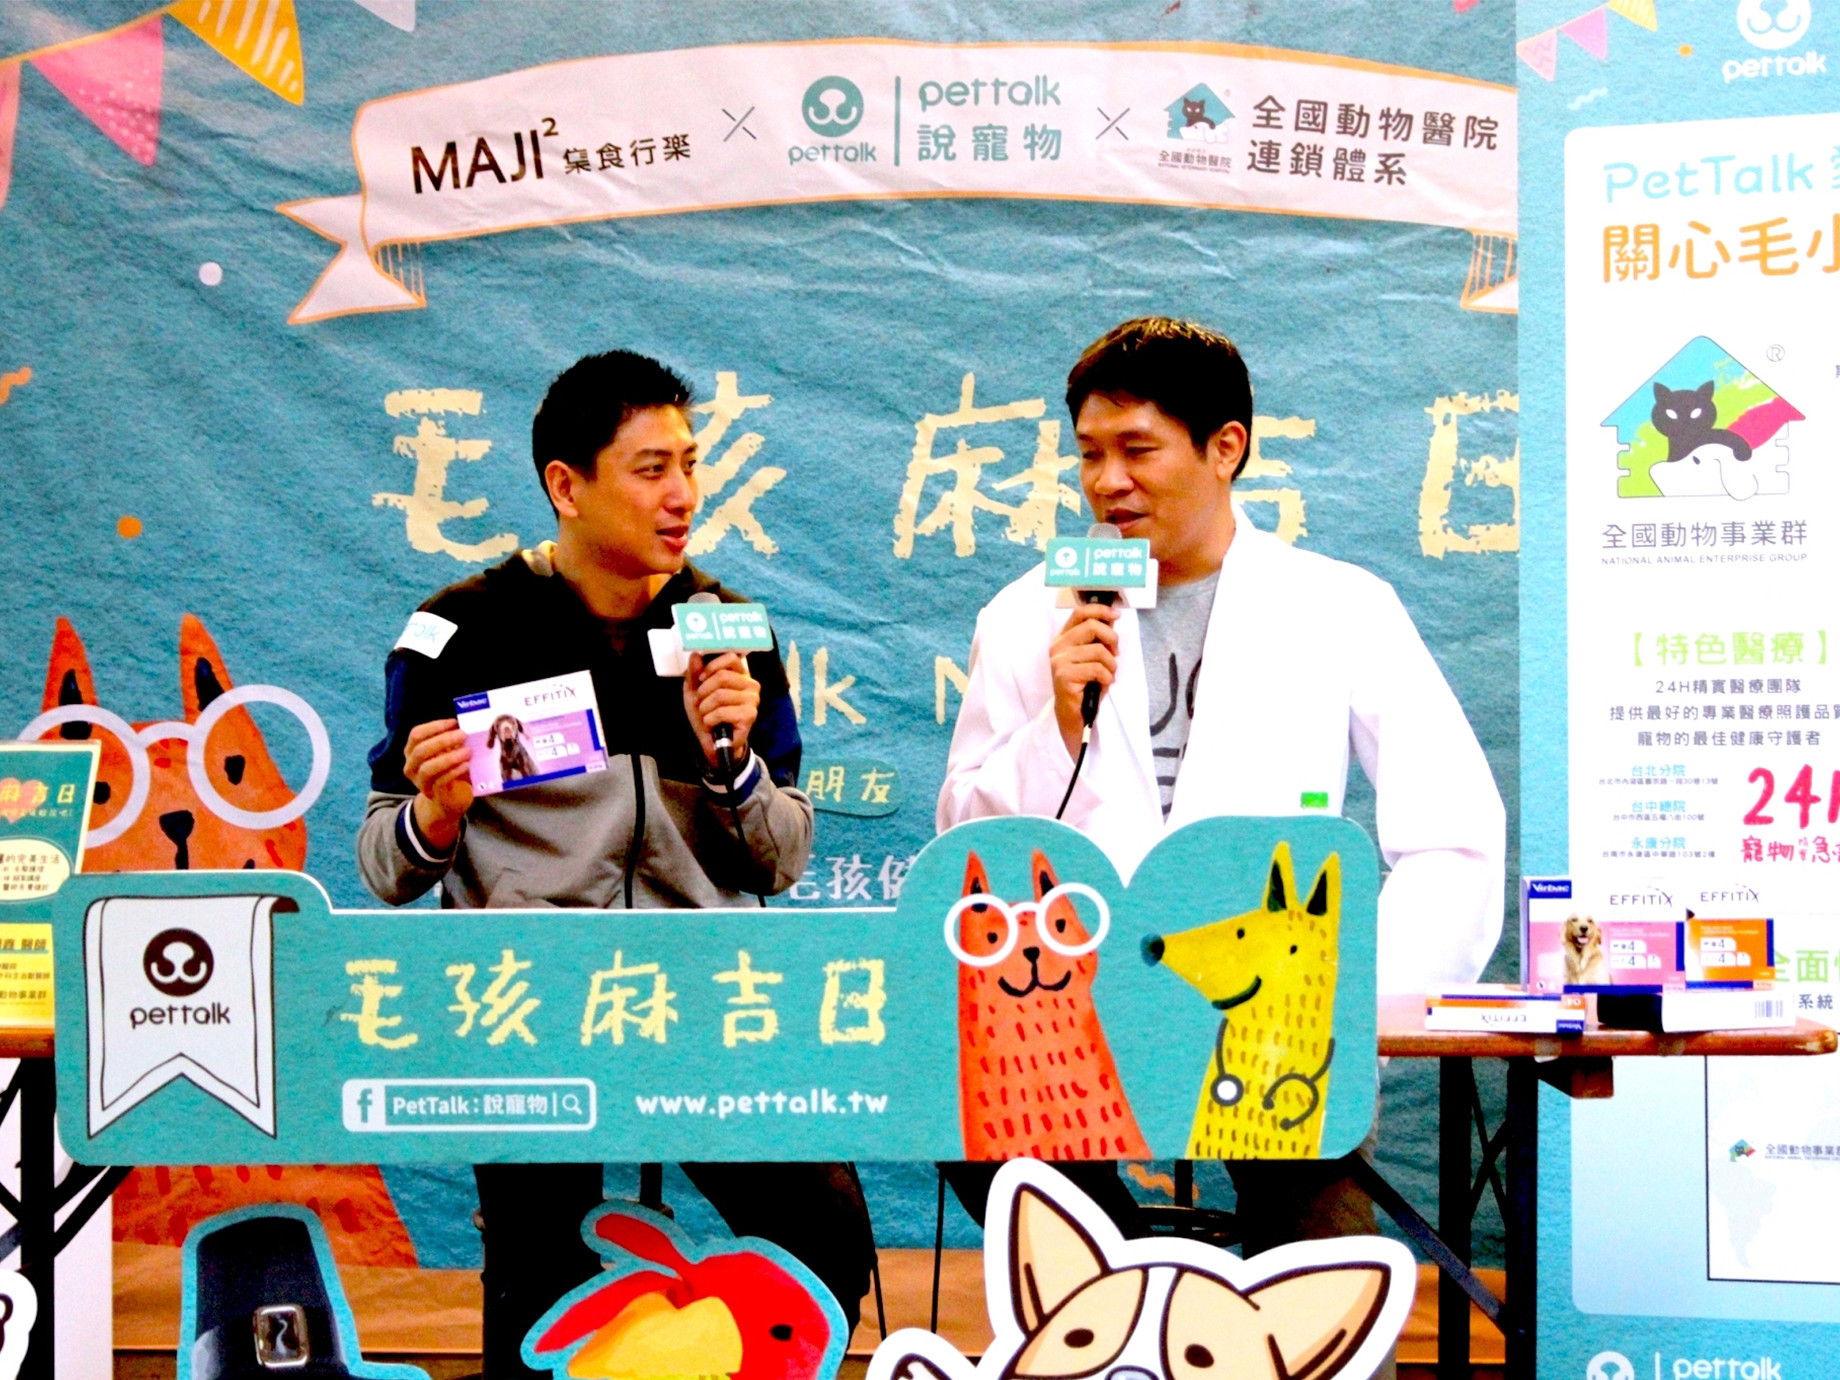 台灣自媒體協會企業報導》創造數據應用正循環,PetTalk朝「寵物新零售」邁進